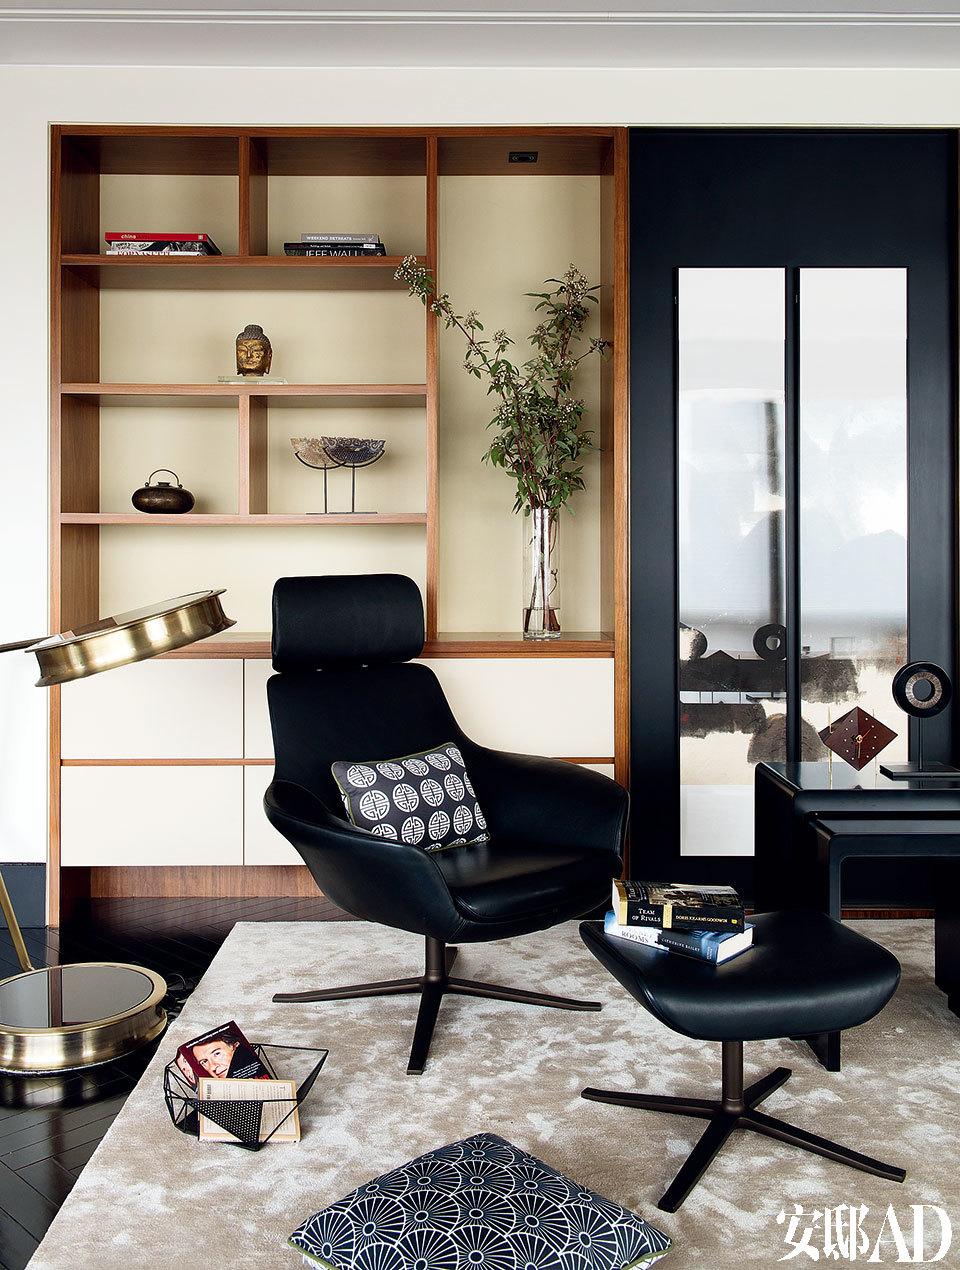 壁柜前的两把皮质Oscar椅由PearsonLloyd设计,Walter Knoll出品,椅子和地毯上的靠垫均由Jill & Rebecca设计,来自Tu Textiles美图坊。